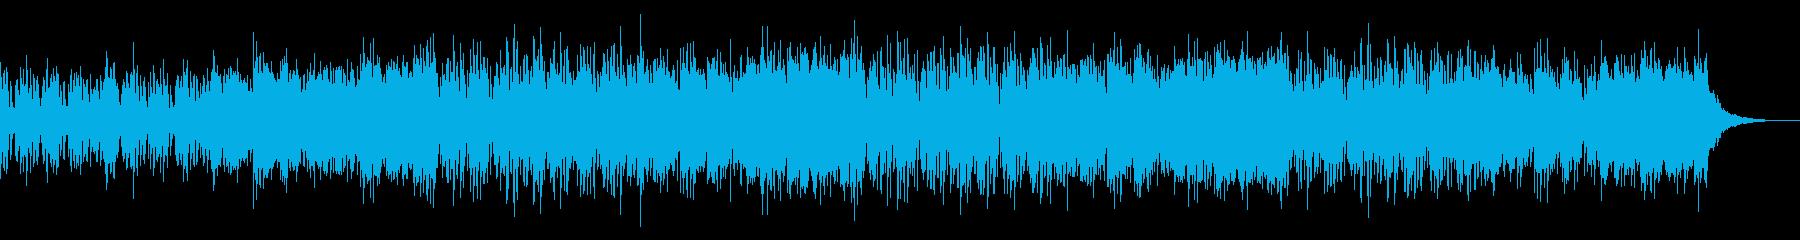 陰鬱でグリッチなトリップホップの再生済みの波形